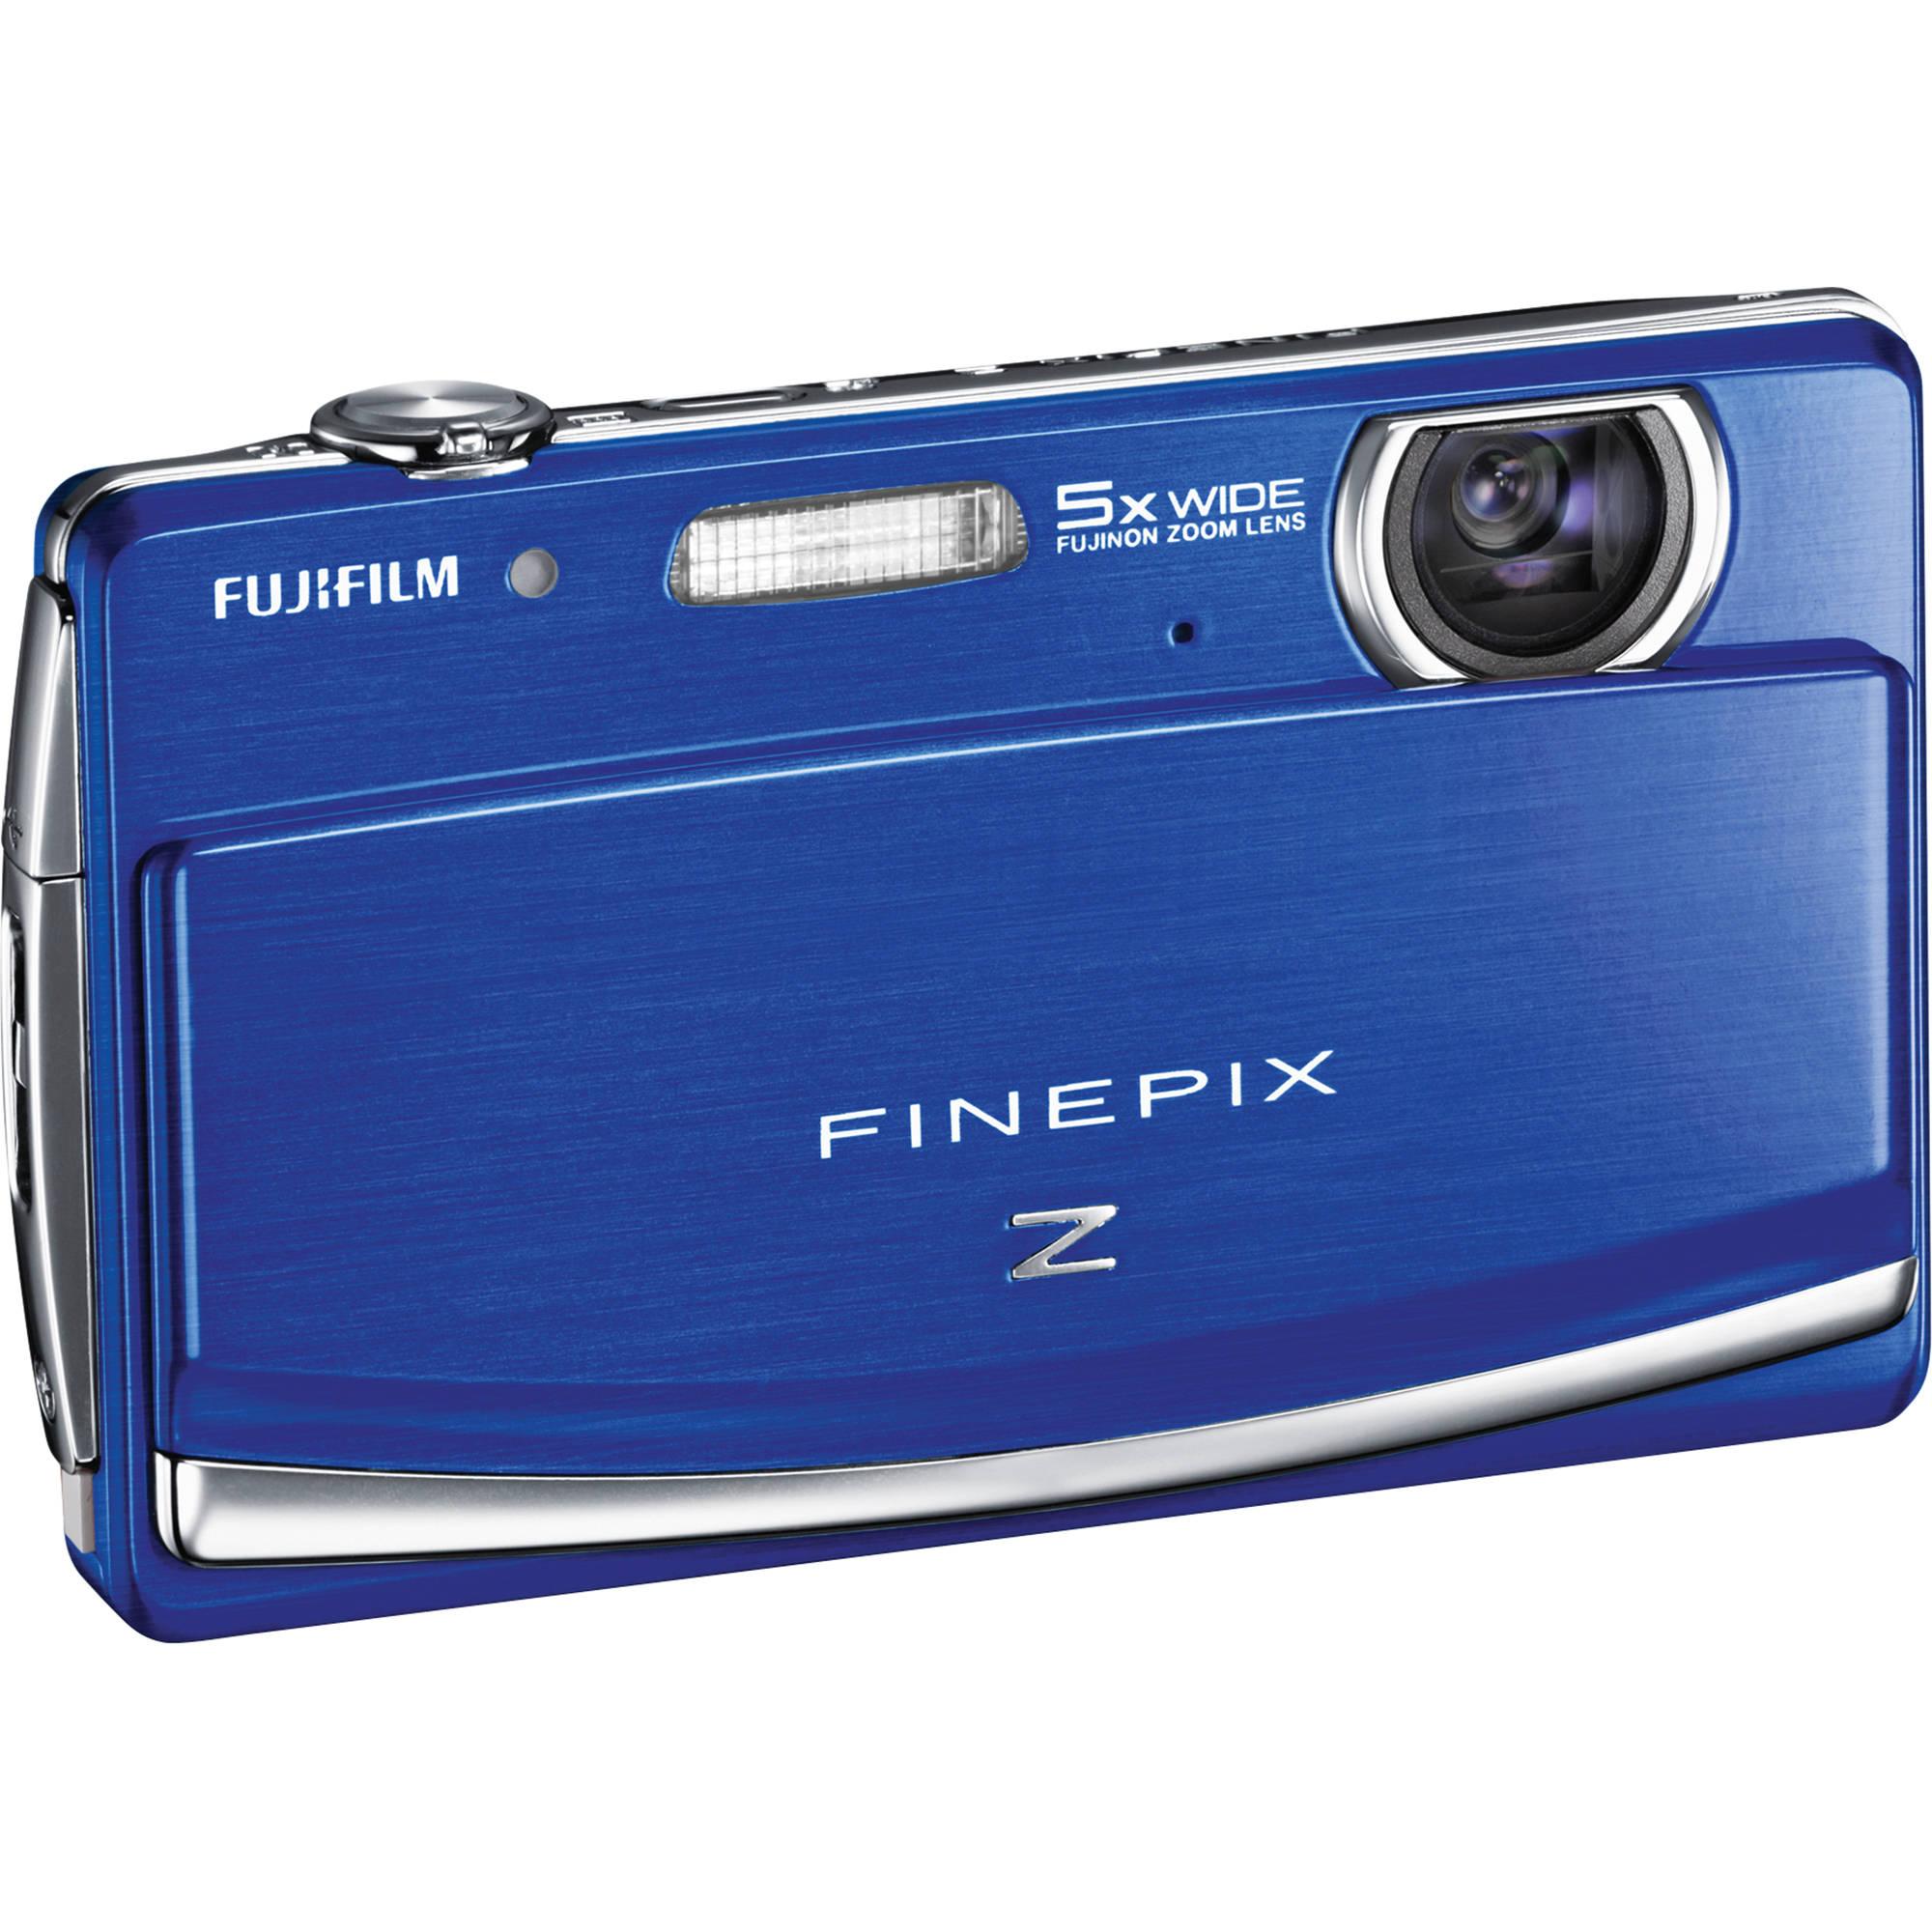 fujifilm finepix z90 digital camera blue 16125864 b h photo rh bhphotovideo com Fuji FinePix Software Fuji FinePix SL 1000